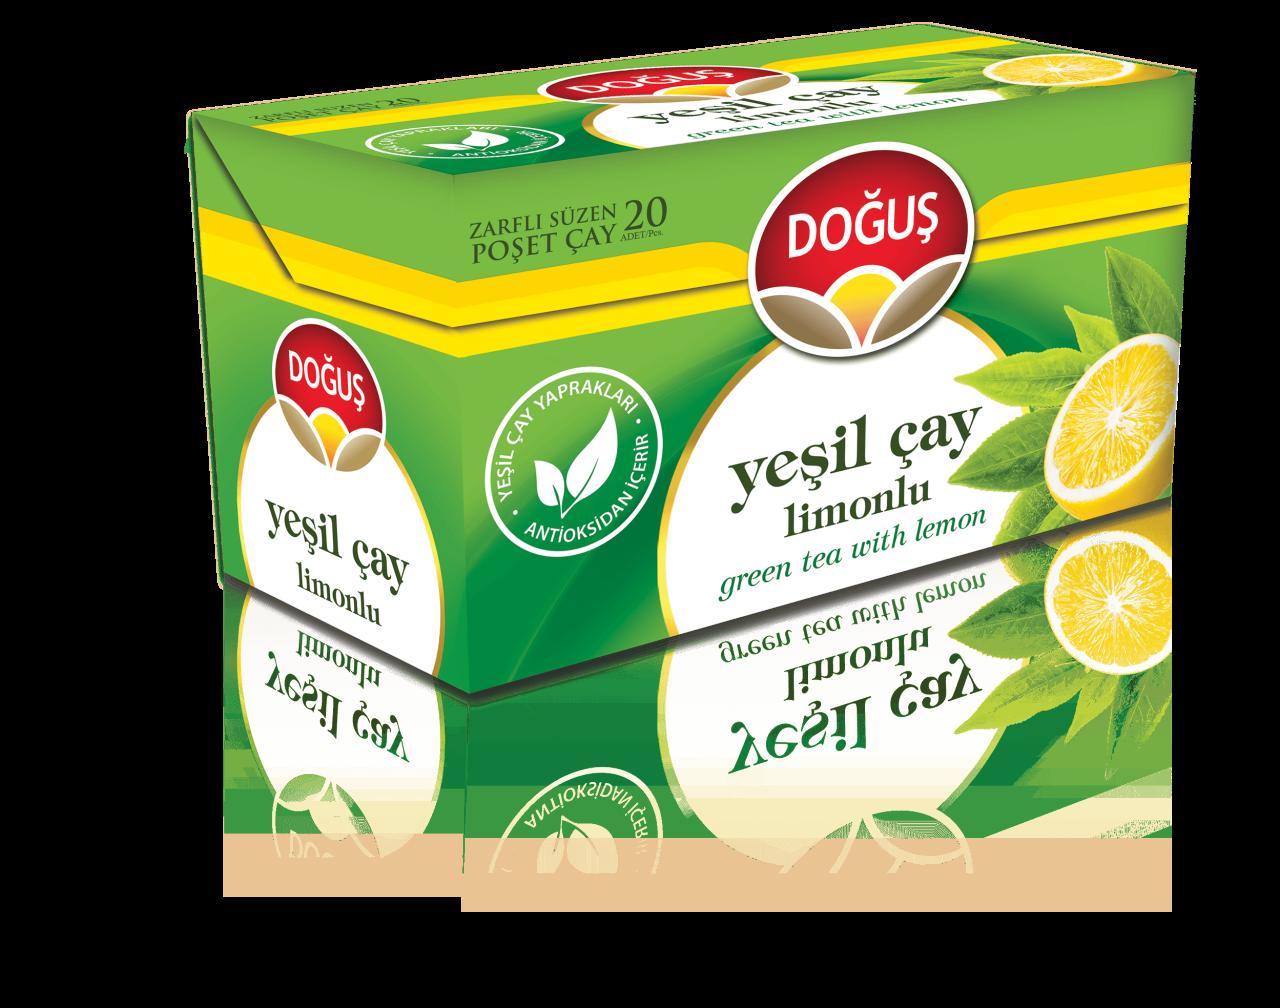 DOGUS YESIL CAY LIMONLU 20'ER (the vert au citron)